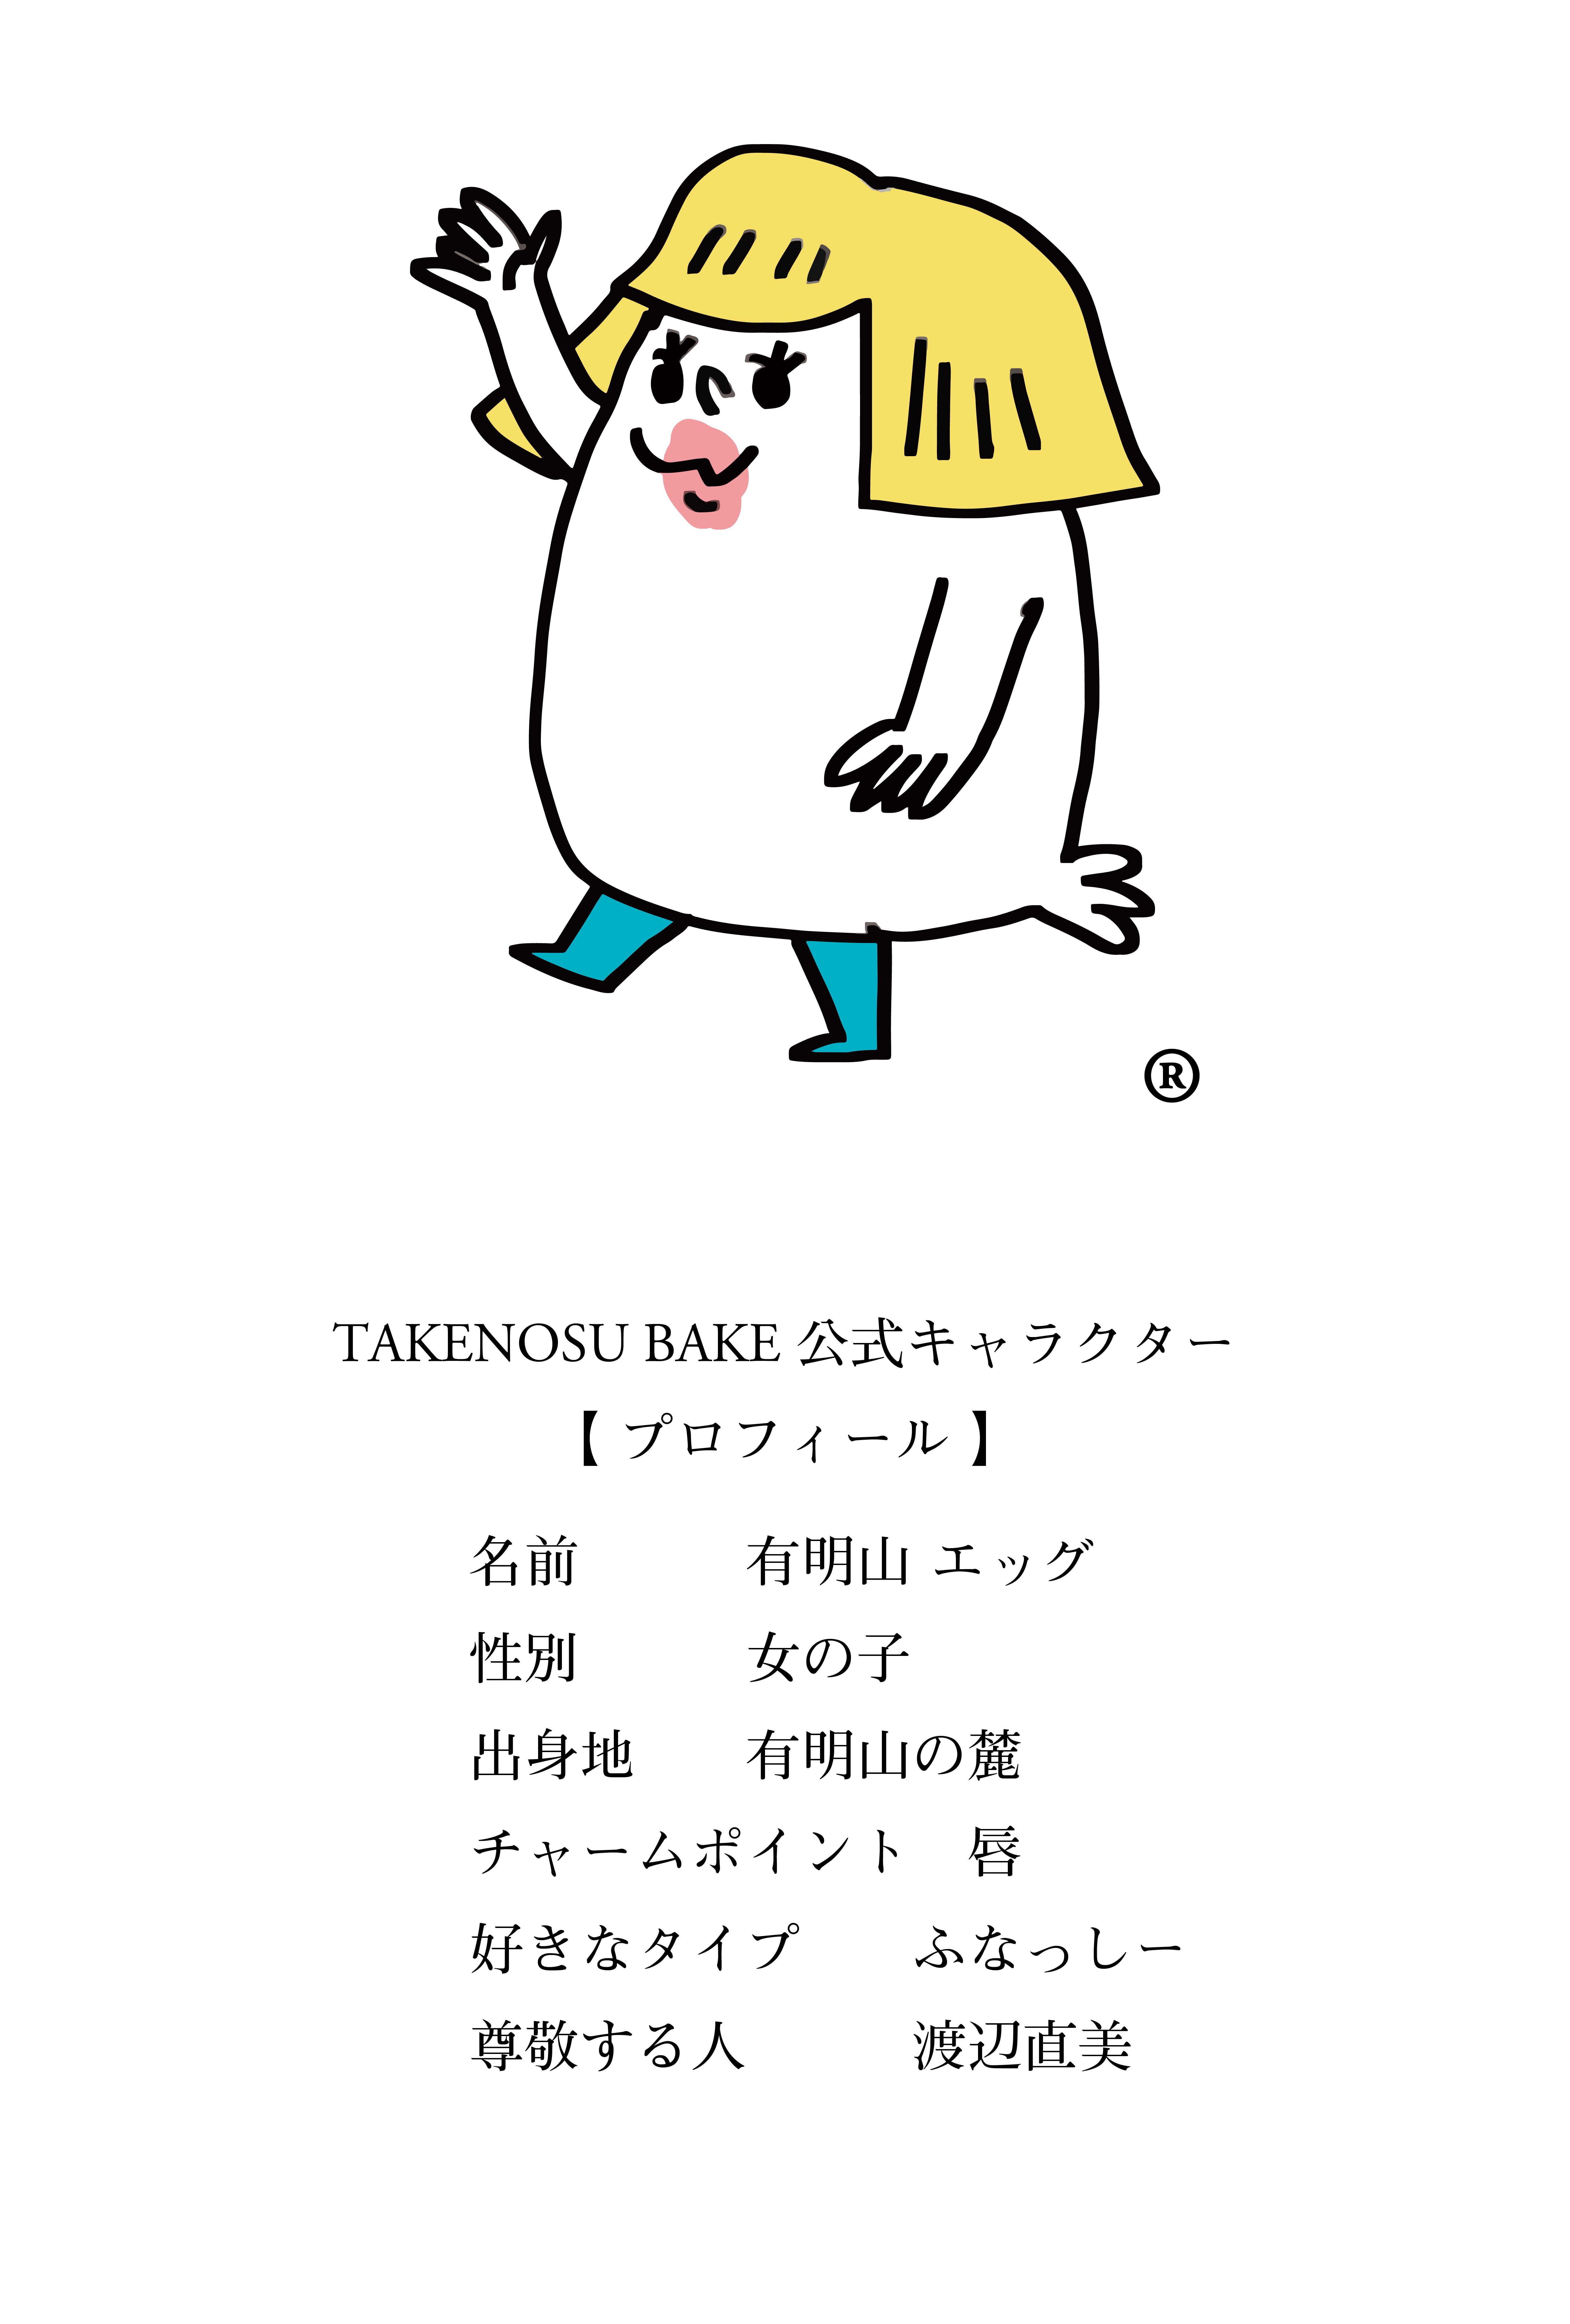 TAKENOSU BAKE公式